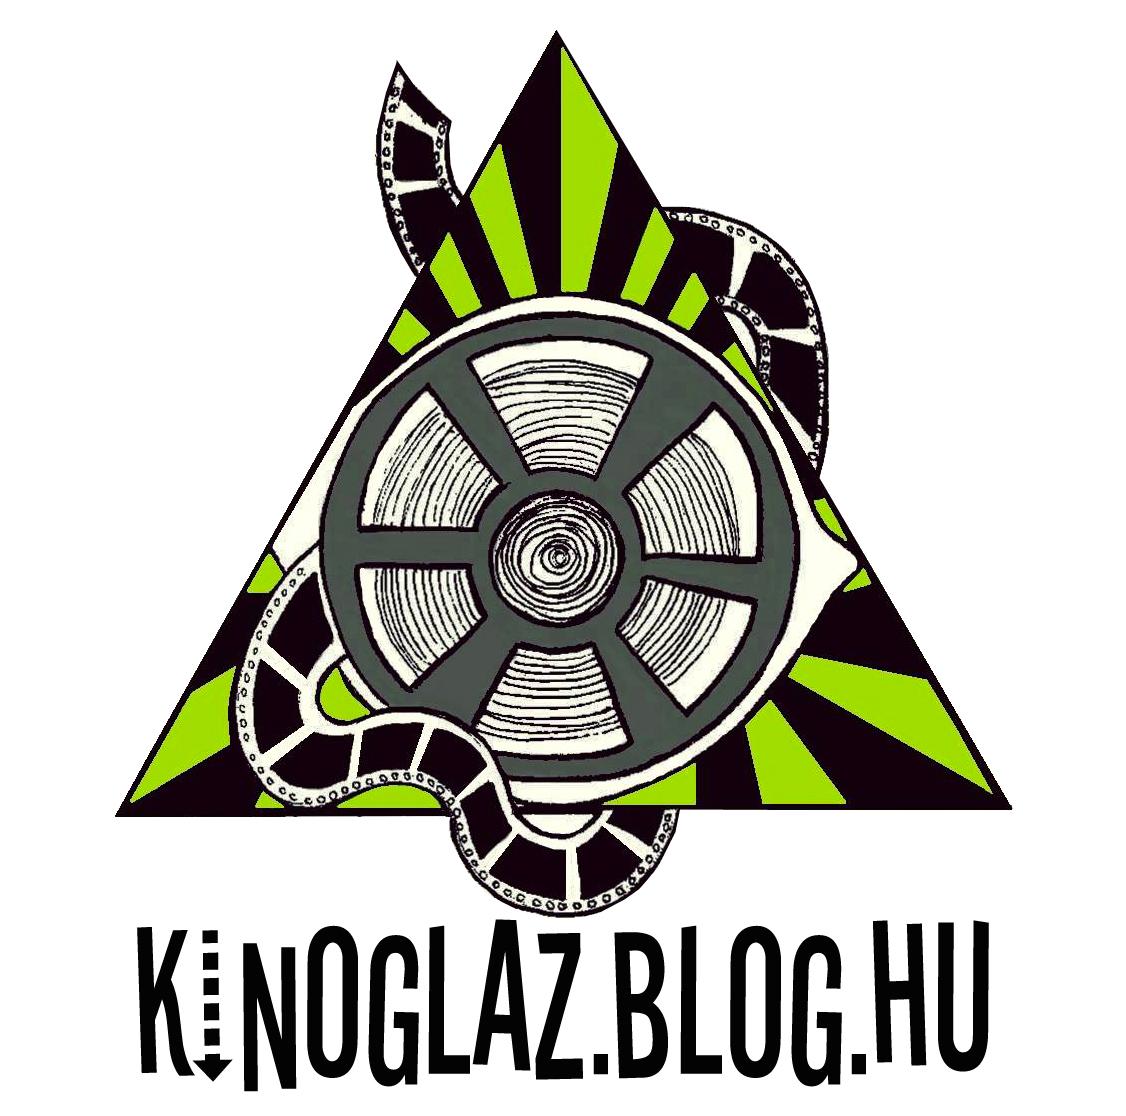 logo vegleges_!!!.jpg